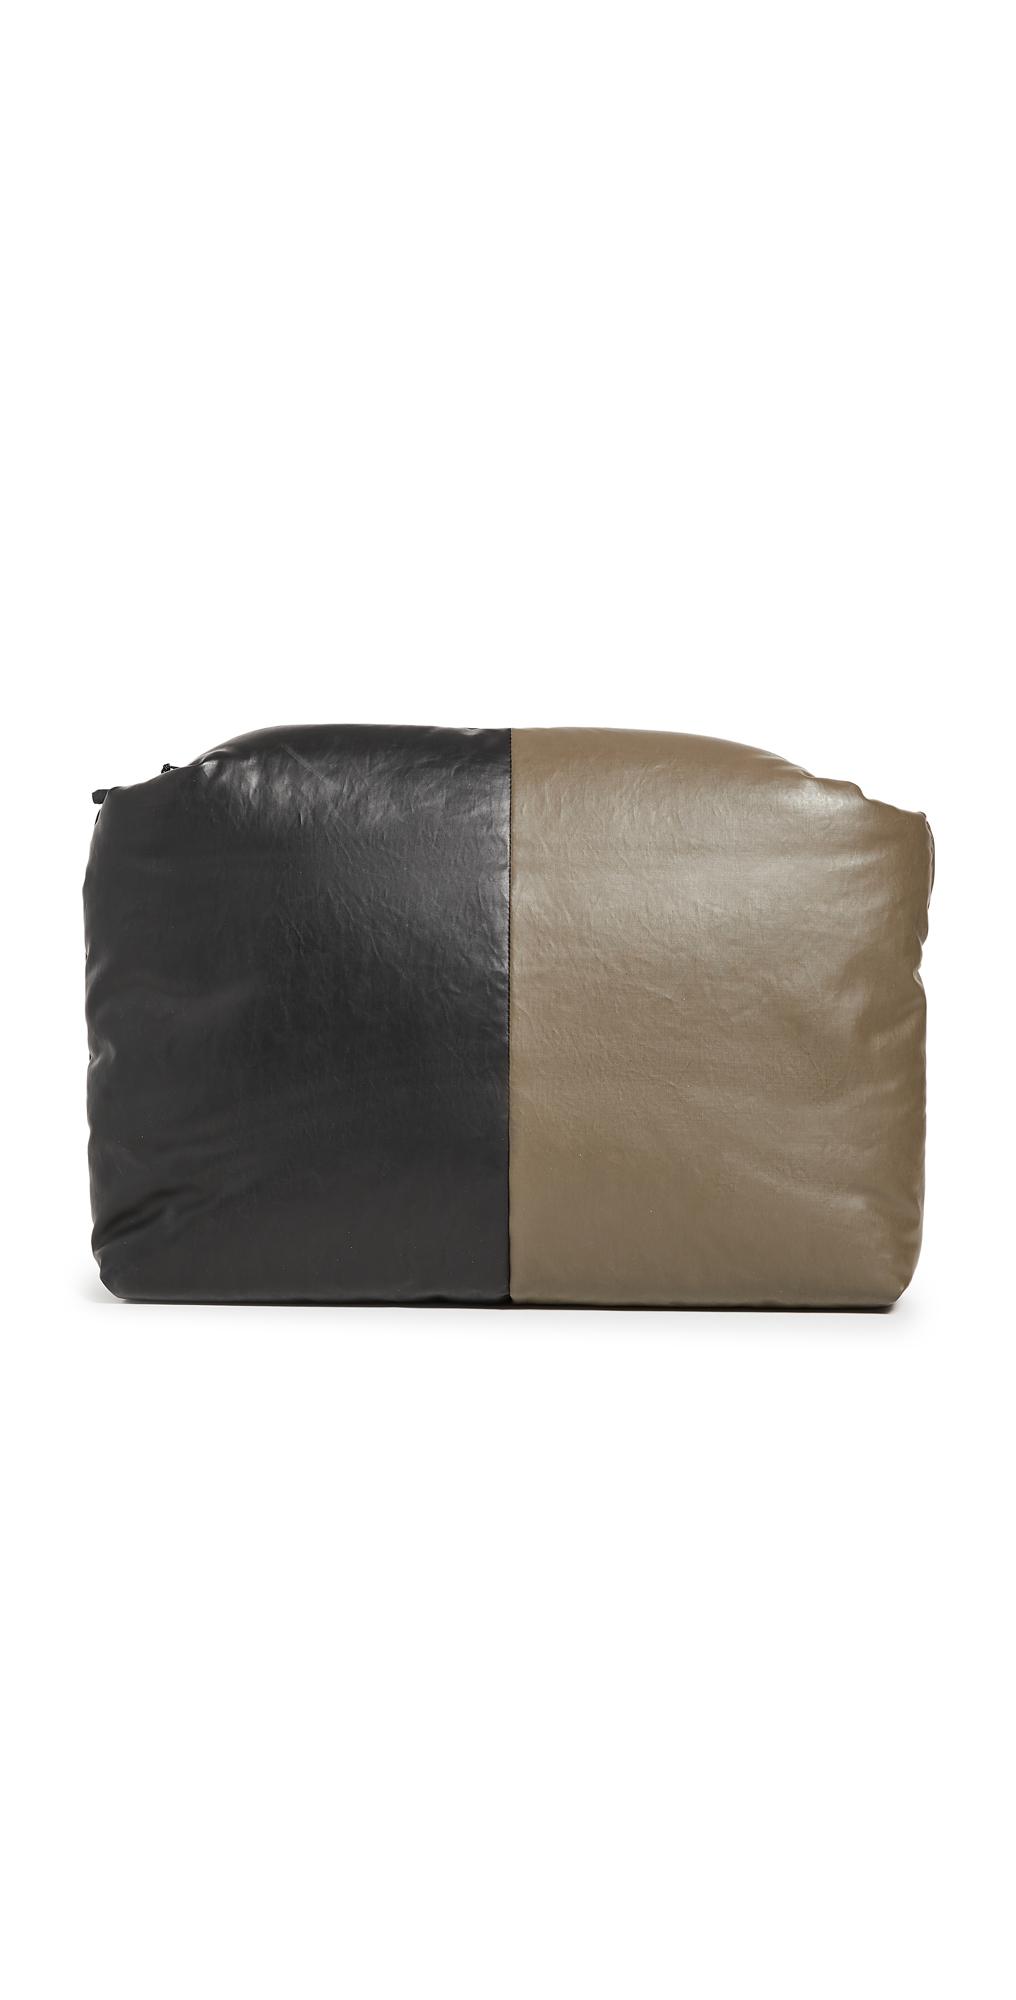 KASSL Clutch Bag